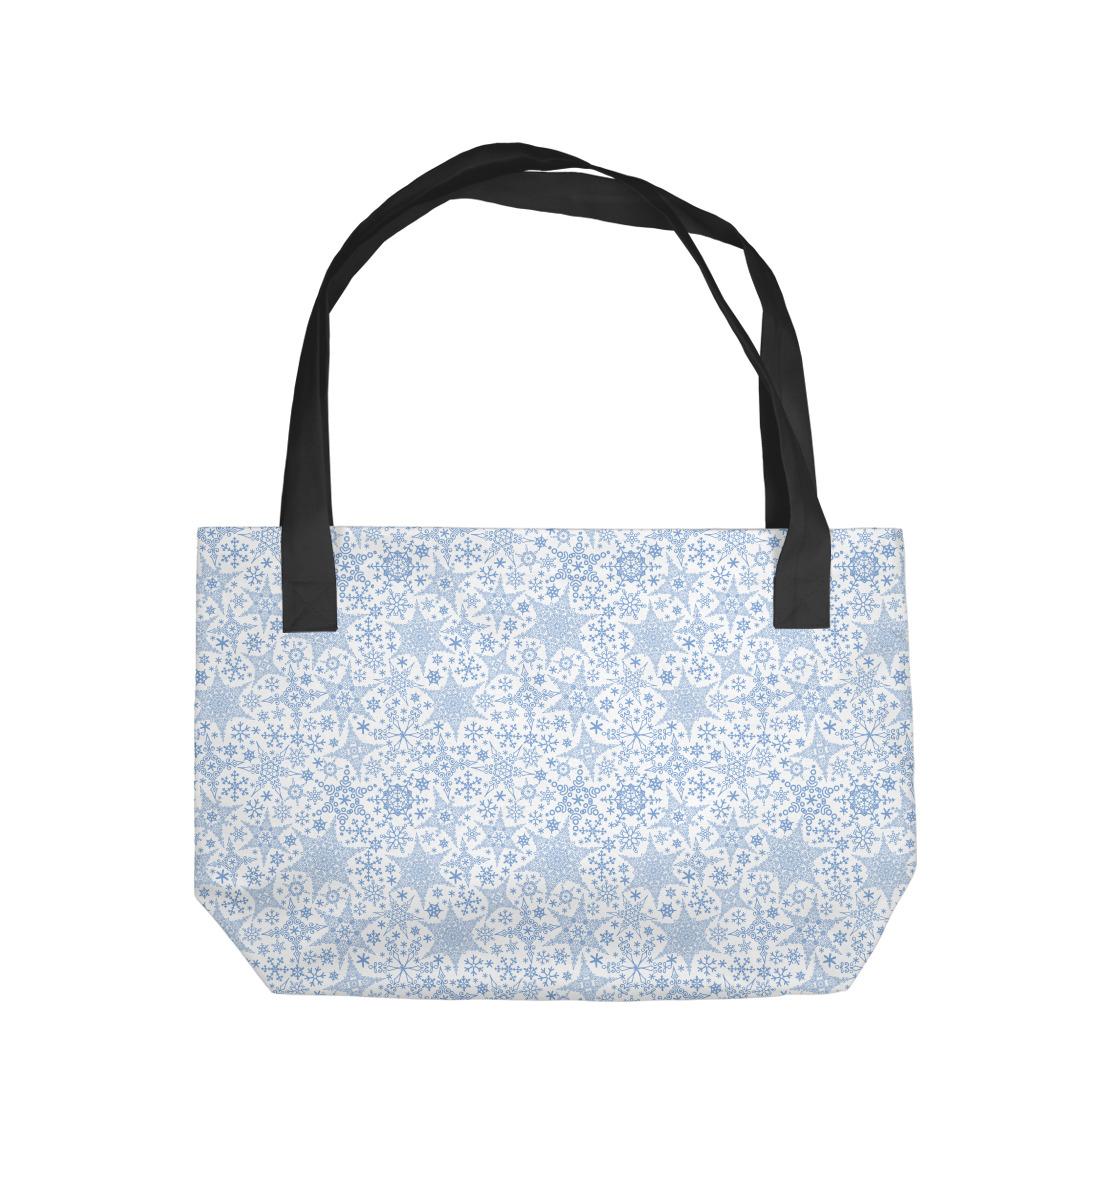 Пляжная сумка Зимние Узоры (838244)